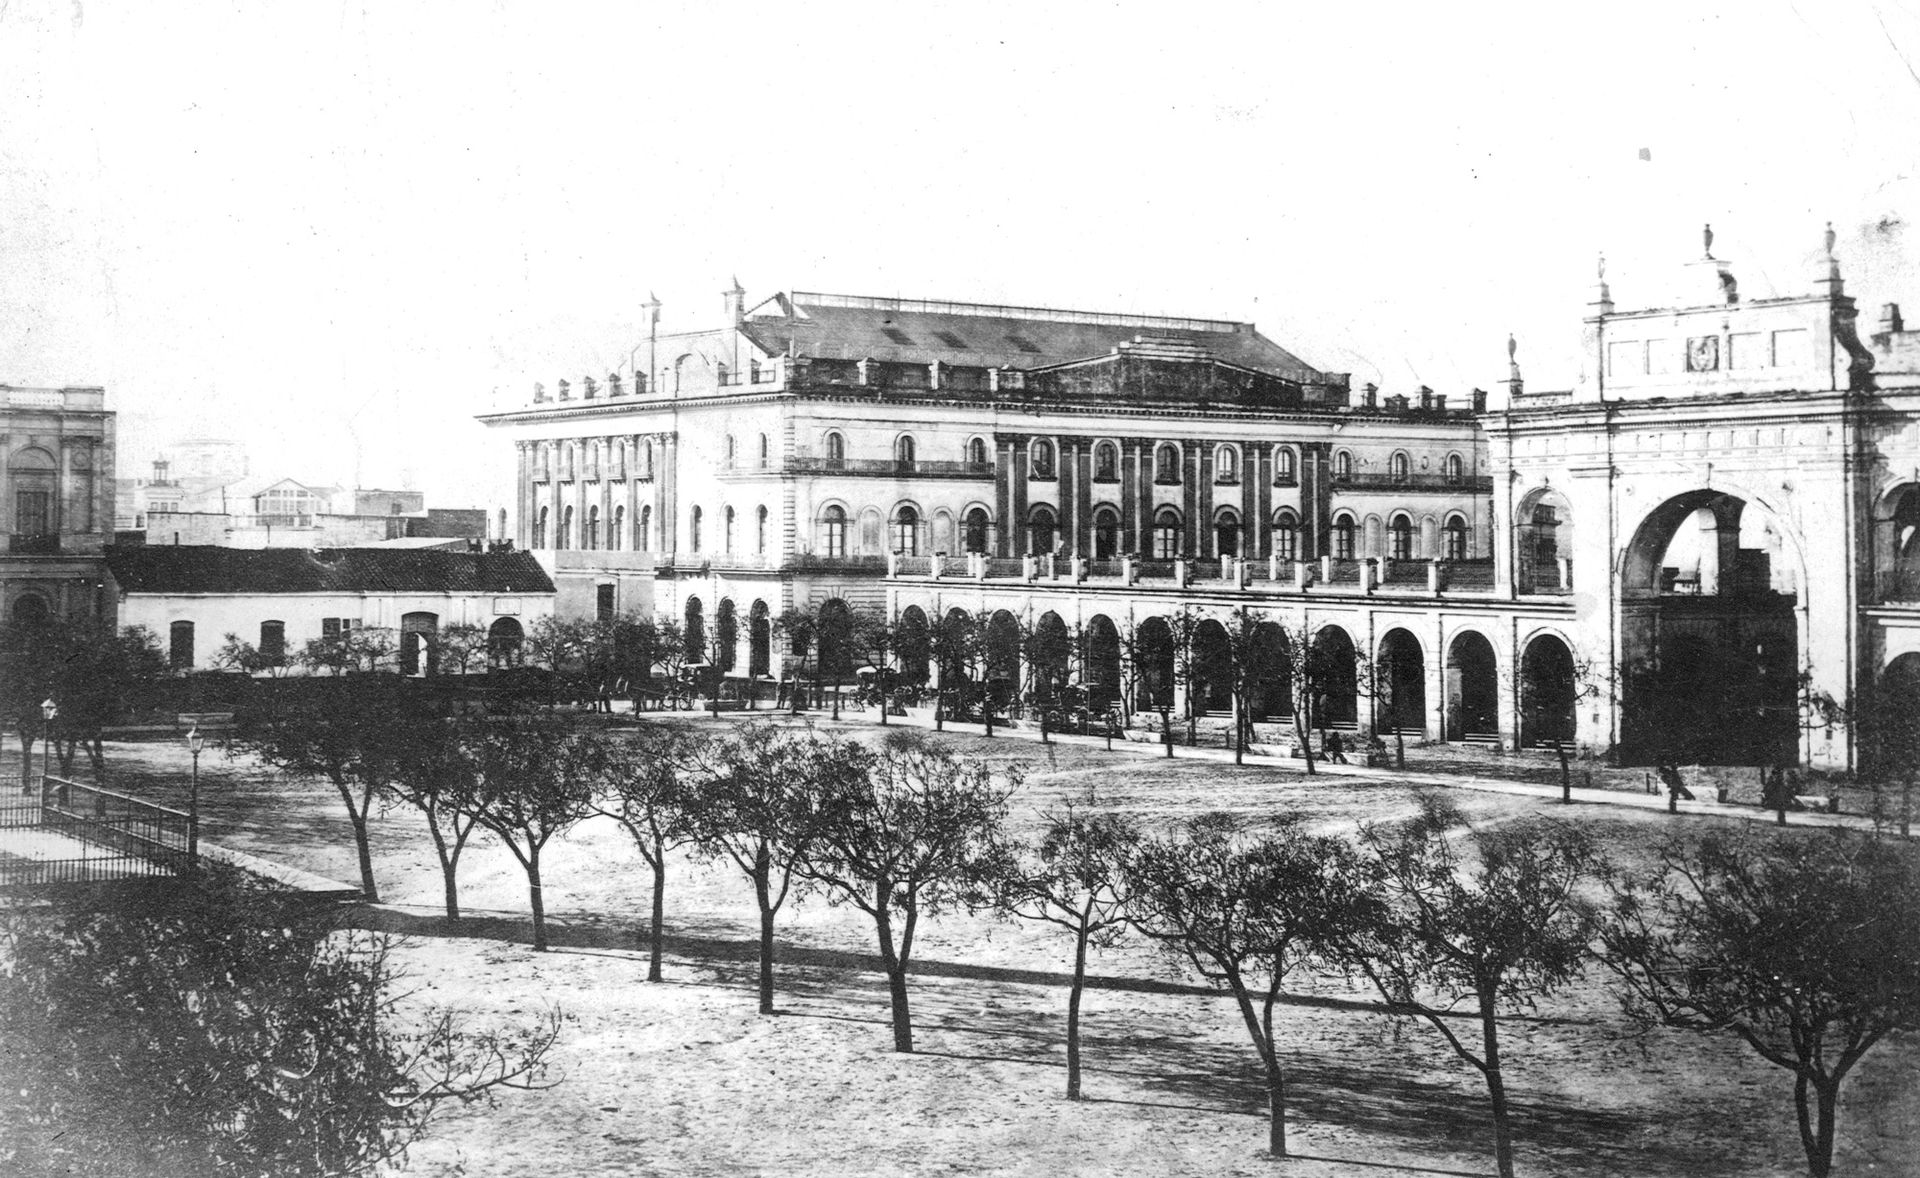 En 1857, Prilidiano Pueyrredon embelleció la plaza, plantó 300 paraísos. Ese año inauguró el primitivo el teatro Colón (al fondo), que tuvo funciones allí hasta 1888.